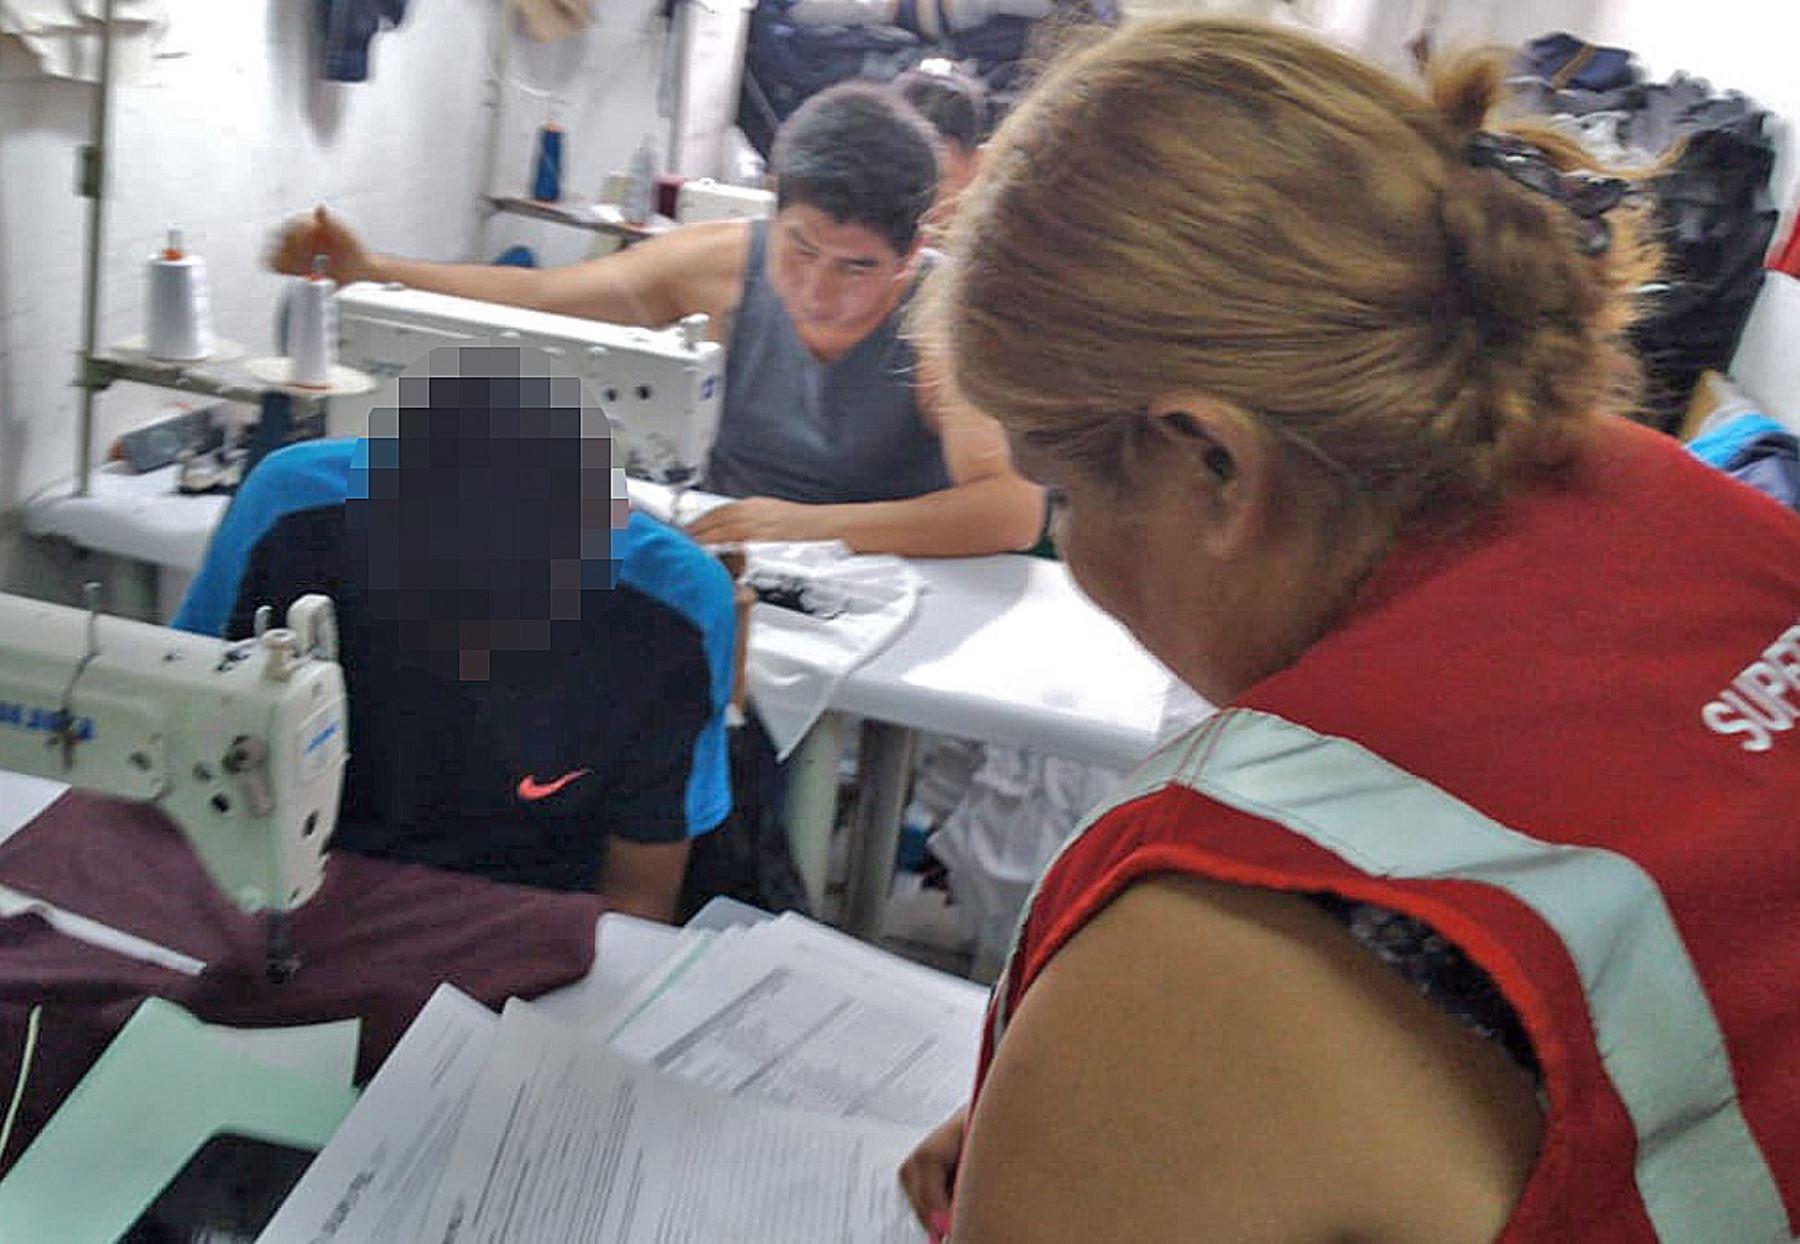 Intervención se realizó junto a miembros de la municipalidad de La Victoria y la DIVINTRAP de la Policía Nacional del Perú.